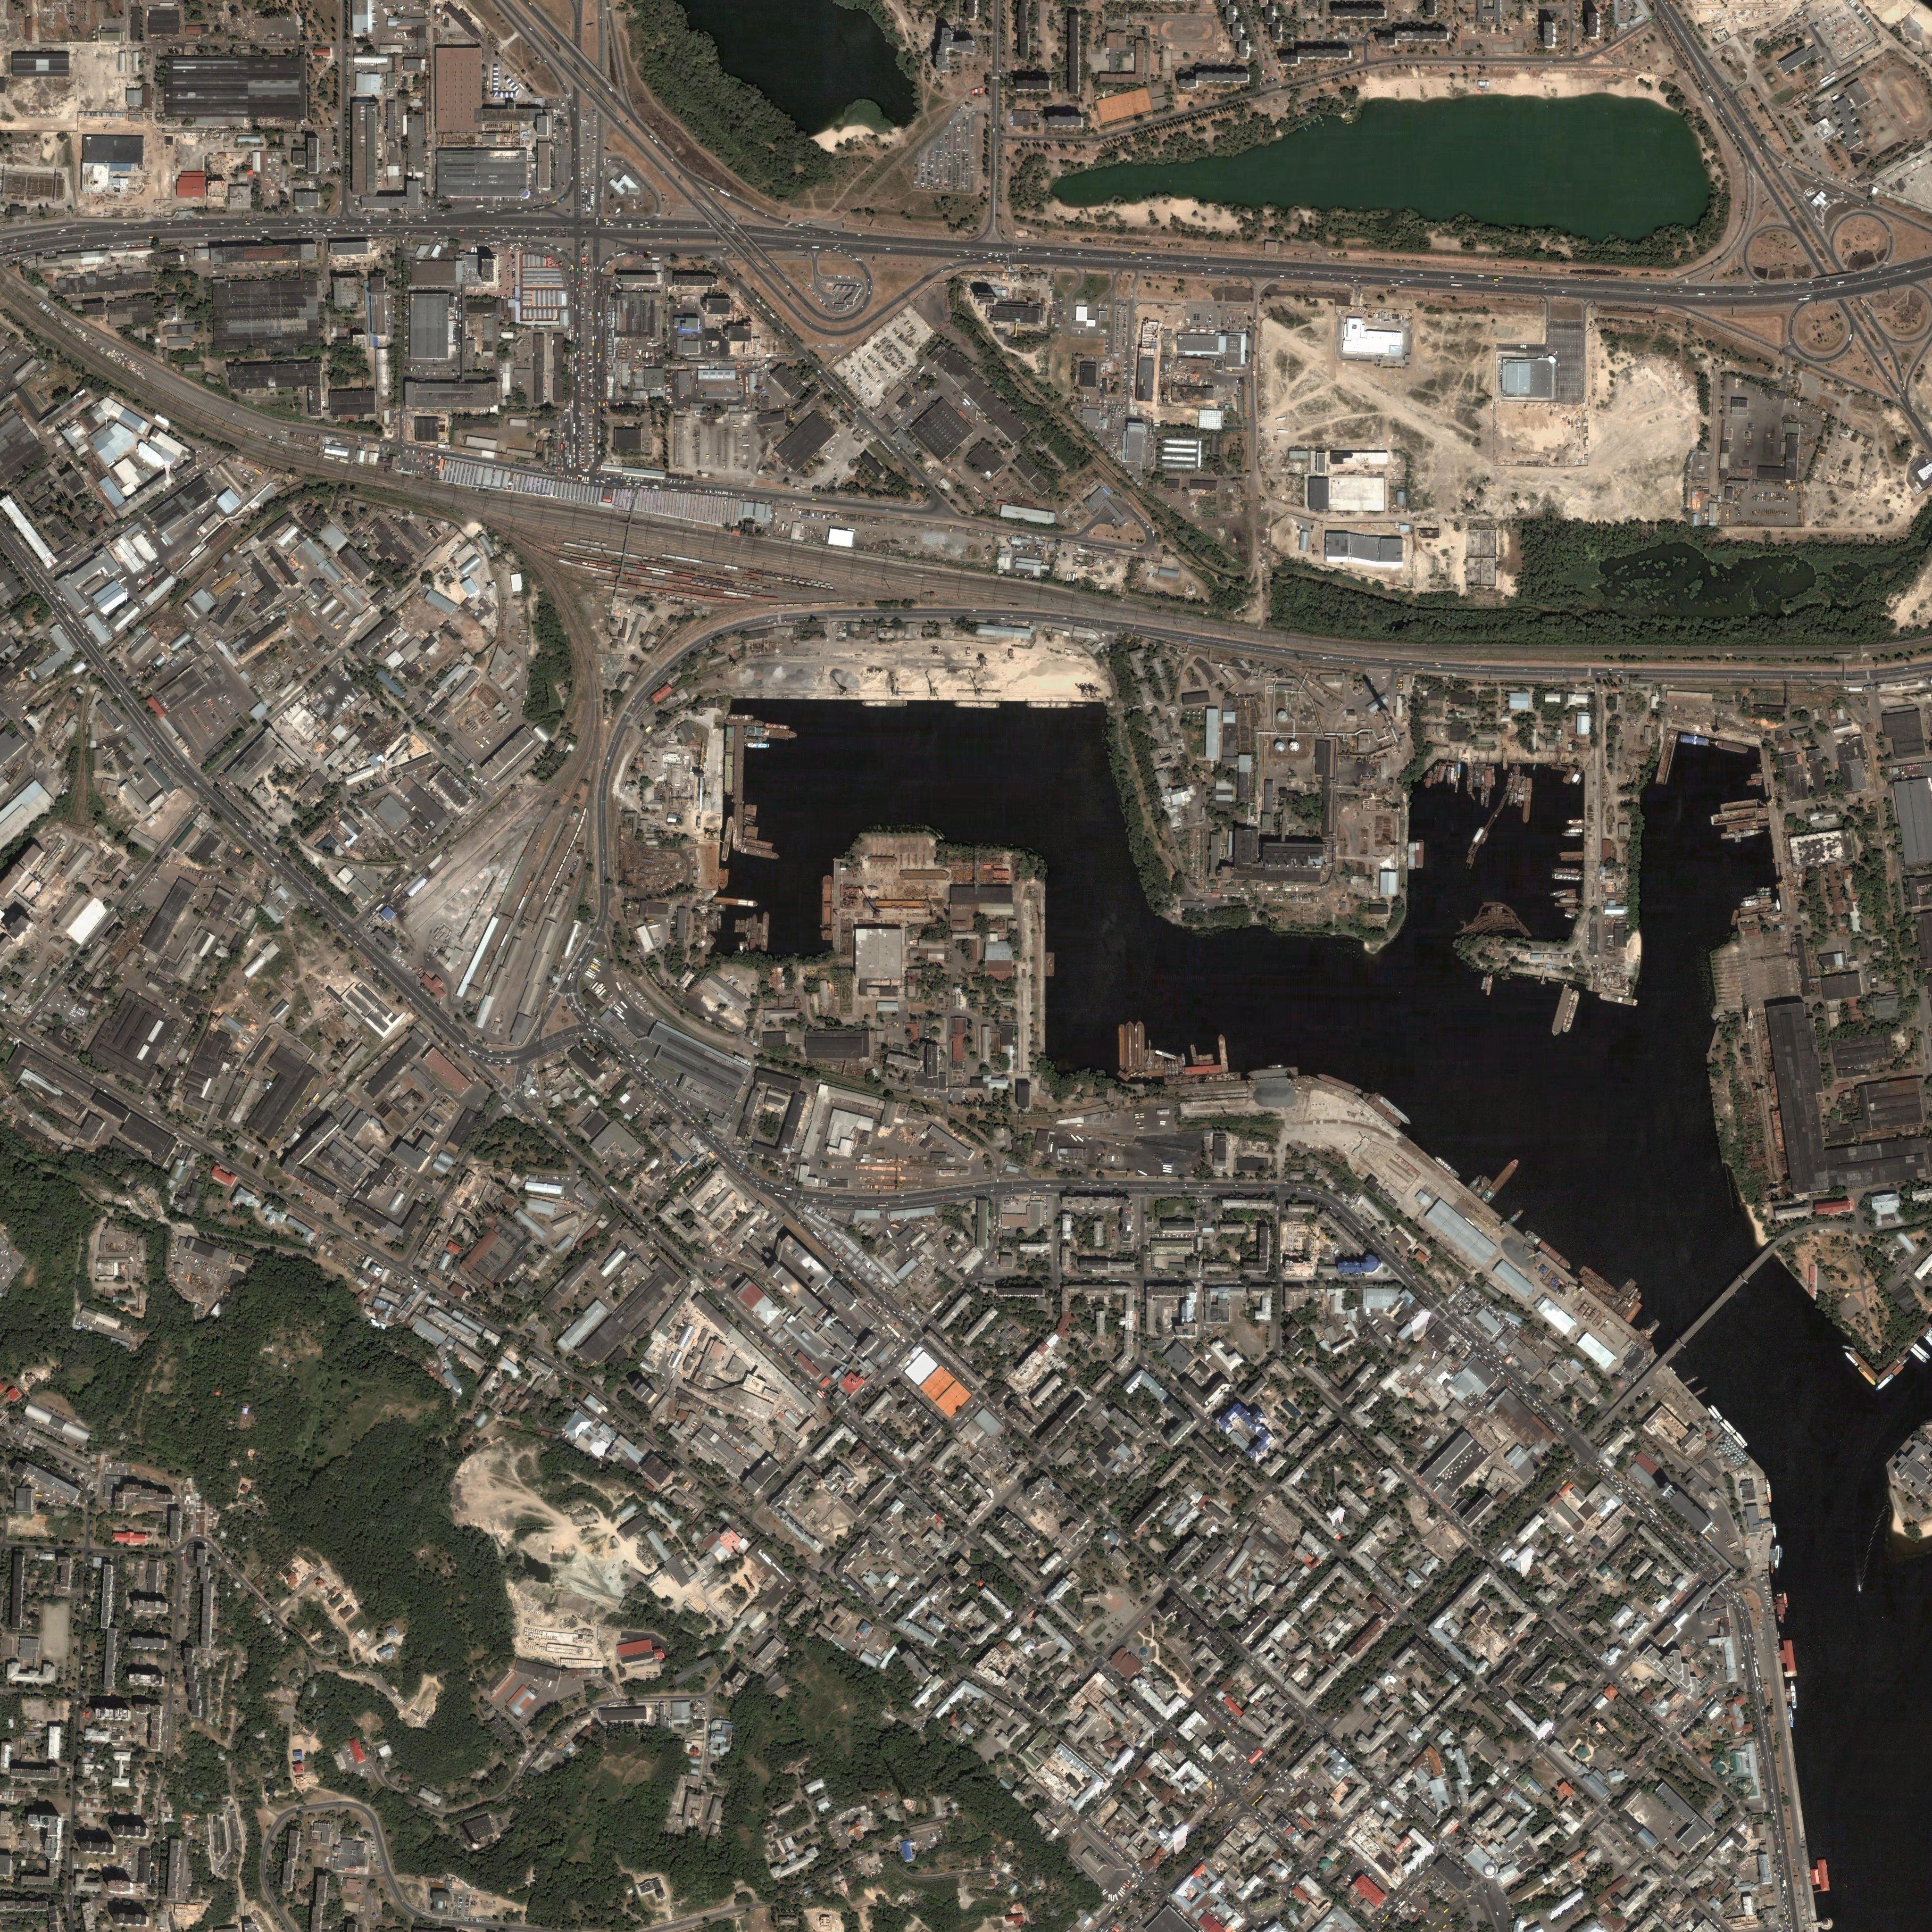 Фото со спутника в реальном времени барнаул